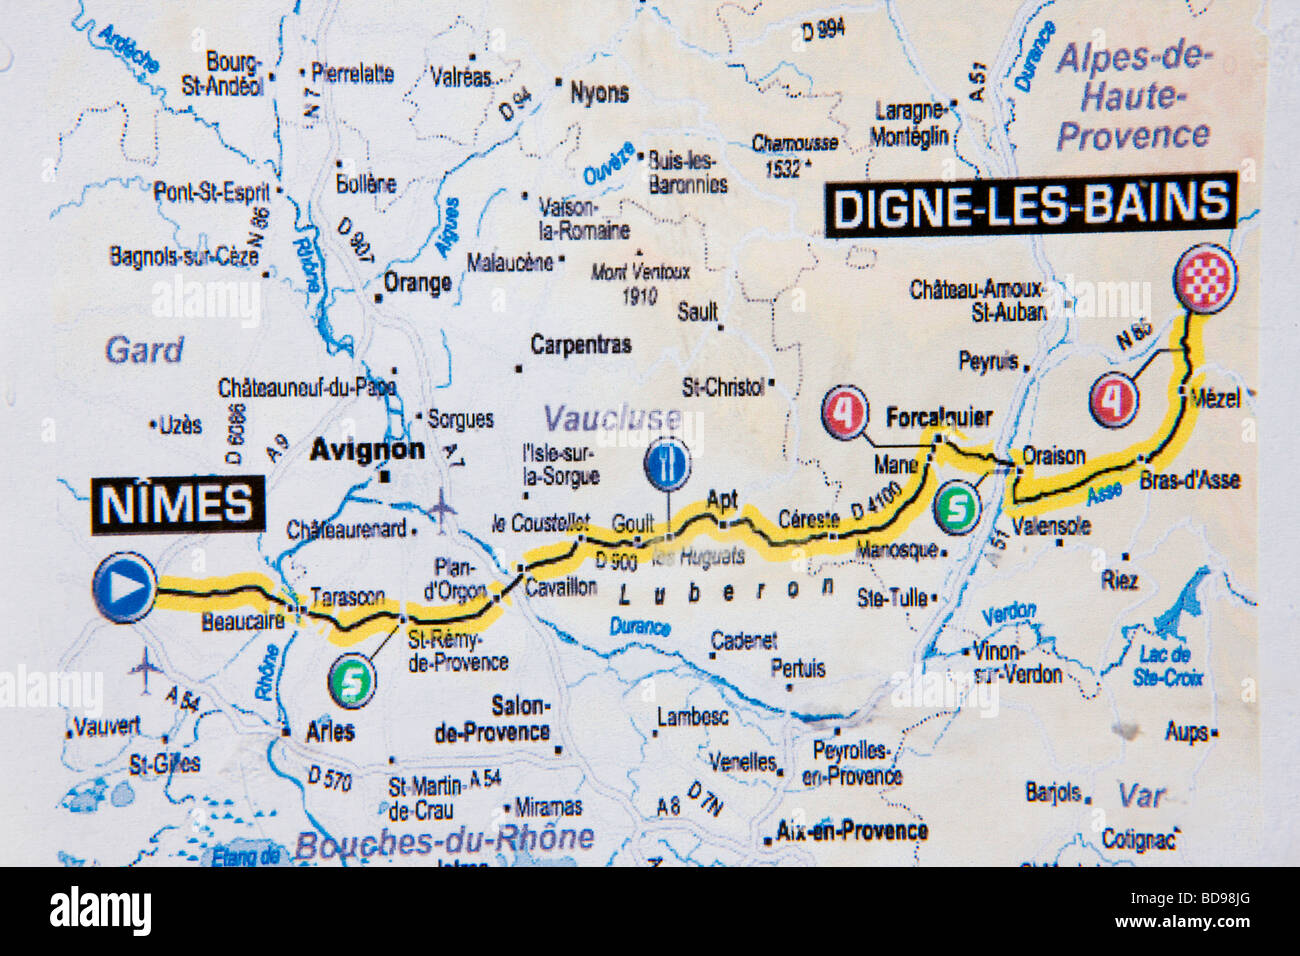 Tour de france route stock photos tour de france route stock route of tour de france 2008 provence france stock image gumiabroncs Image collections